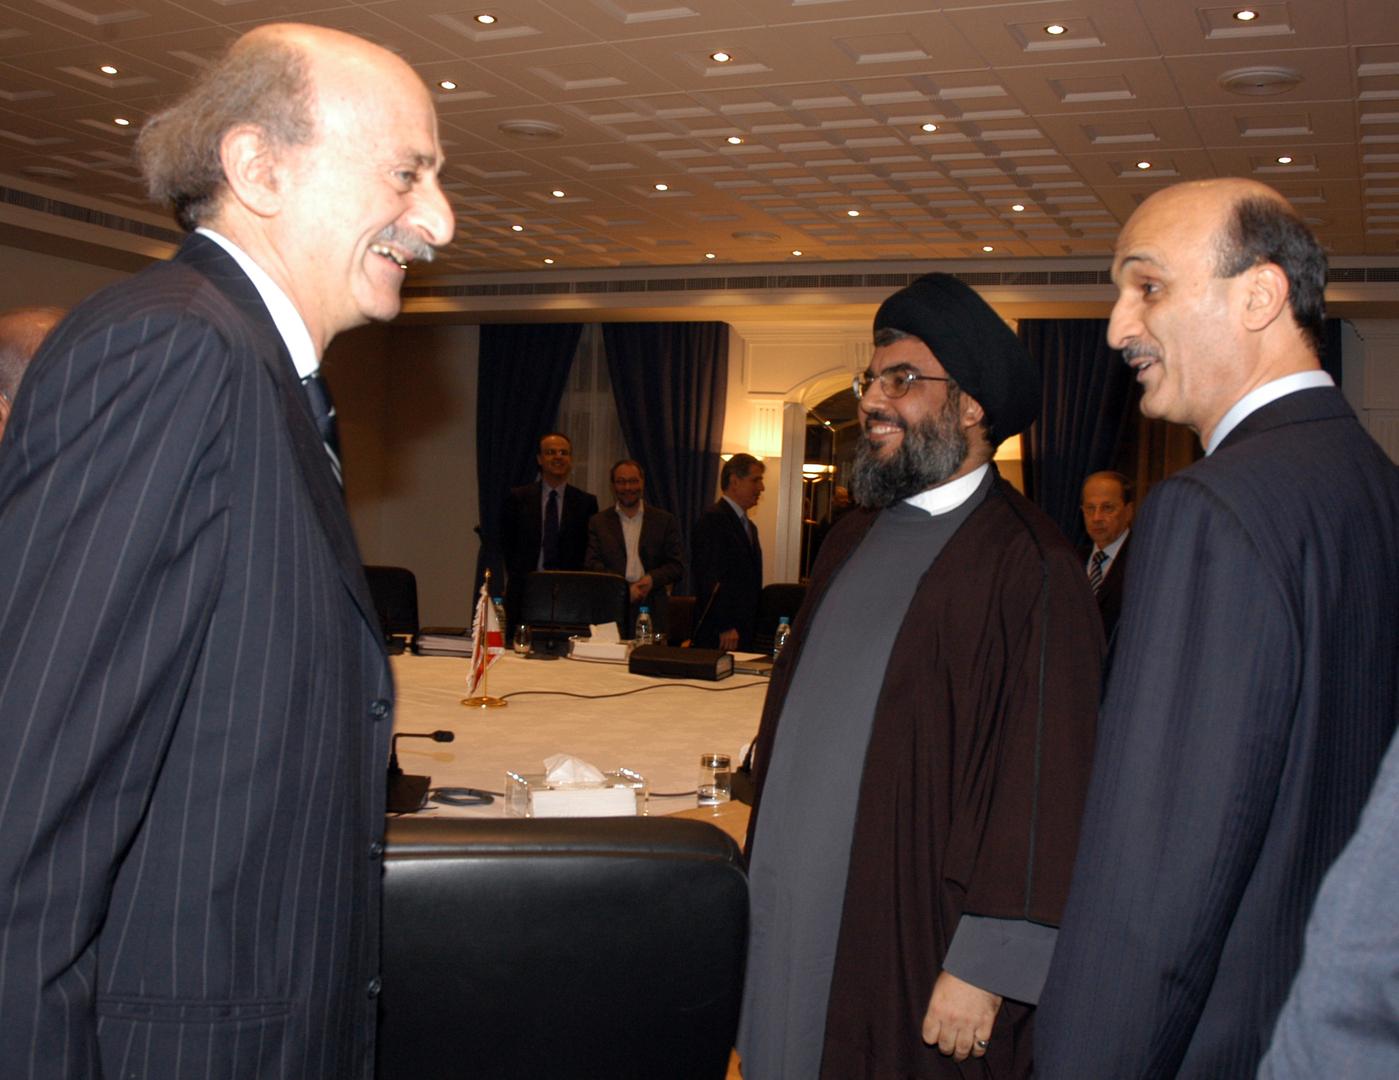 صورة تجمع جنبلاط وجعجع والأمين العام لحزب الله حسن نصرالله تعود للعام 2006.